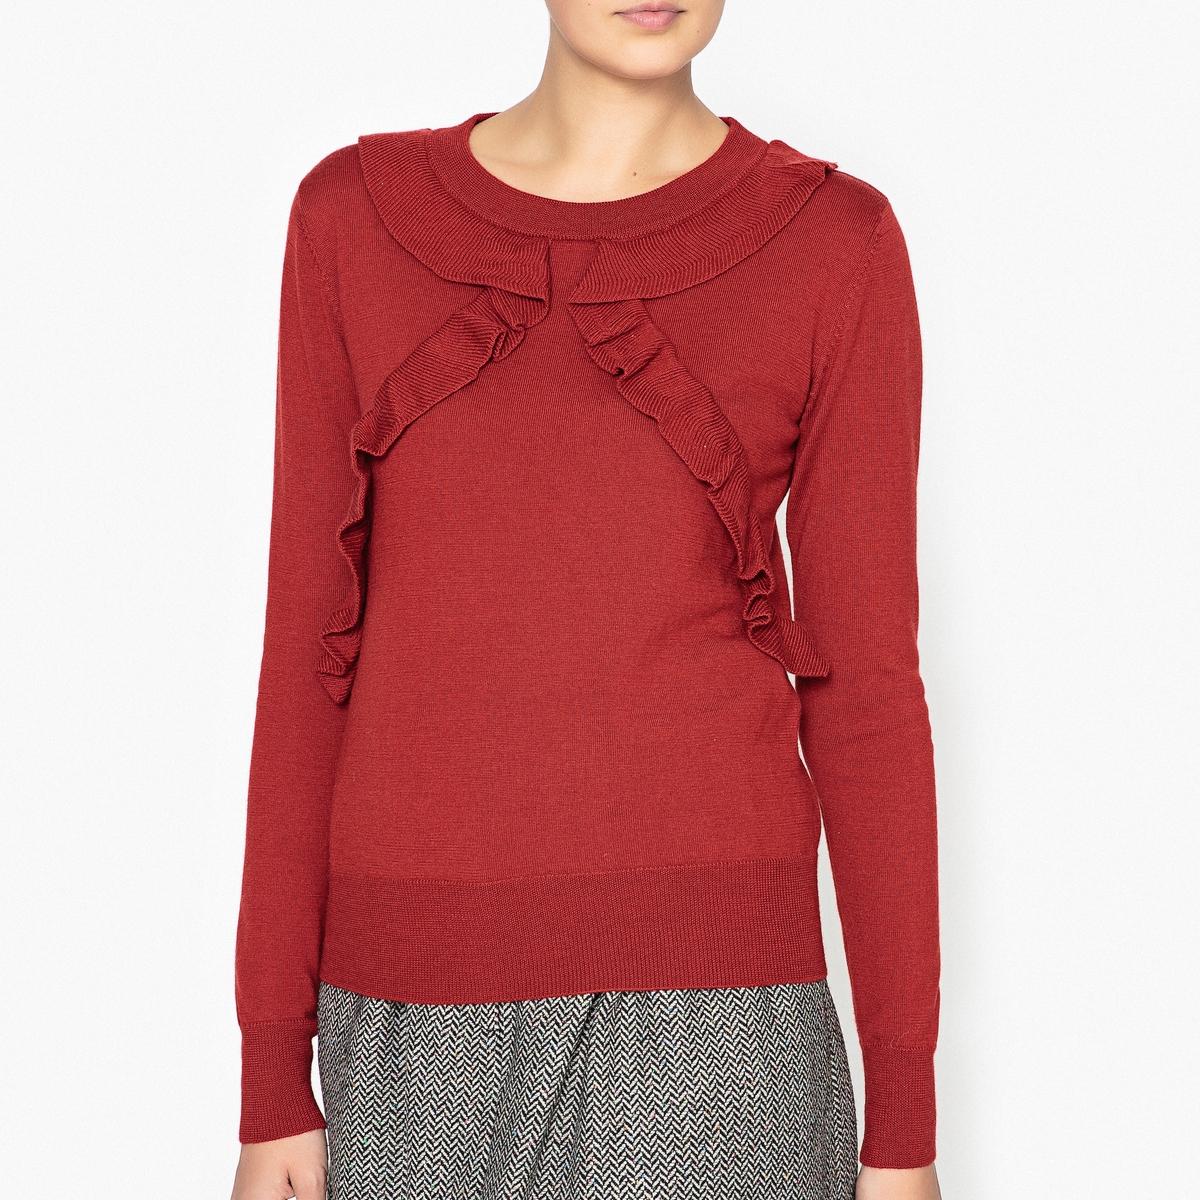 Пуловер шерстяной с воланами BARRIDAПуловер SESSUN - модель BARRIDA из 100% шерсти с воланами с каждой стороны на груди.Детали  •  Длинные рукава  •  Круглый вырез •  Тонкий трикотаж Состав и уход  •  100% шерсти •  Следуйте советам по уходу, указанным на этикетке   •  Края низа и манжеты связаны в рубчик<br><br>Цвет: красный,черный